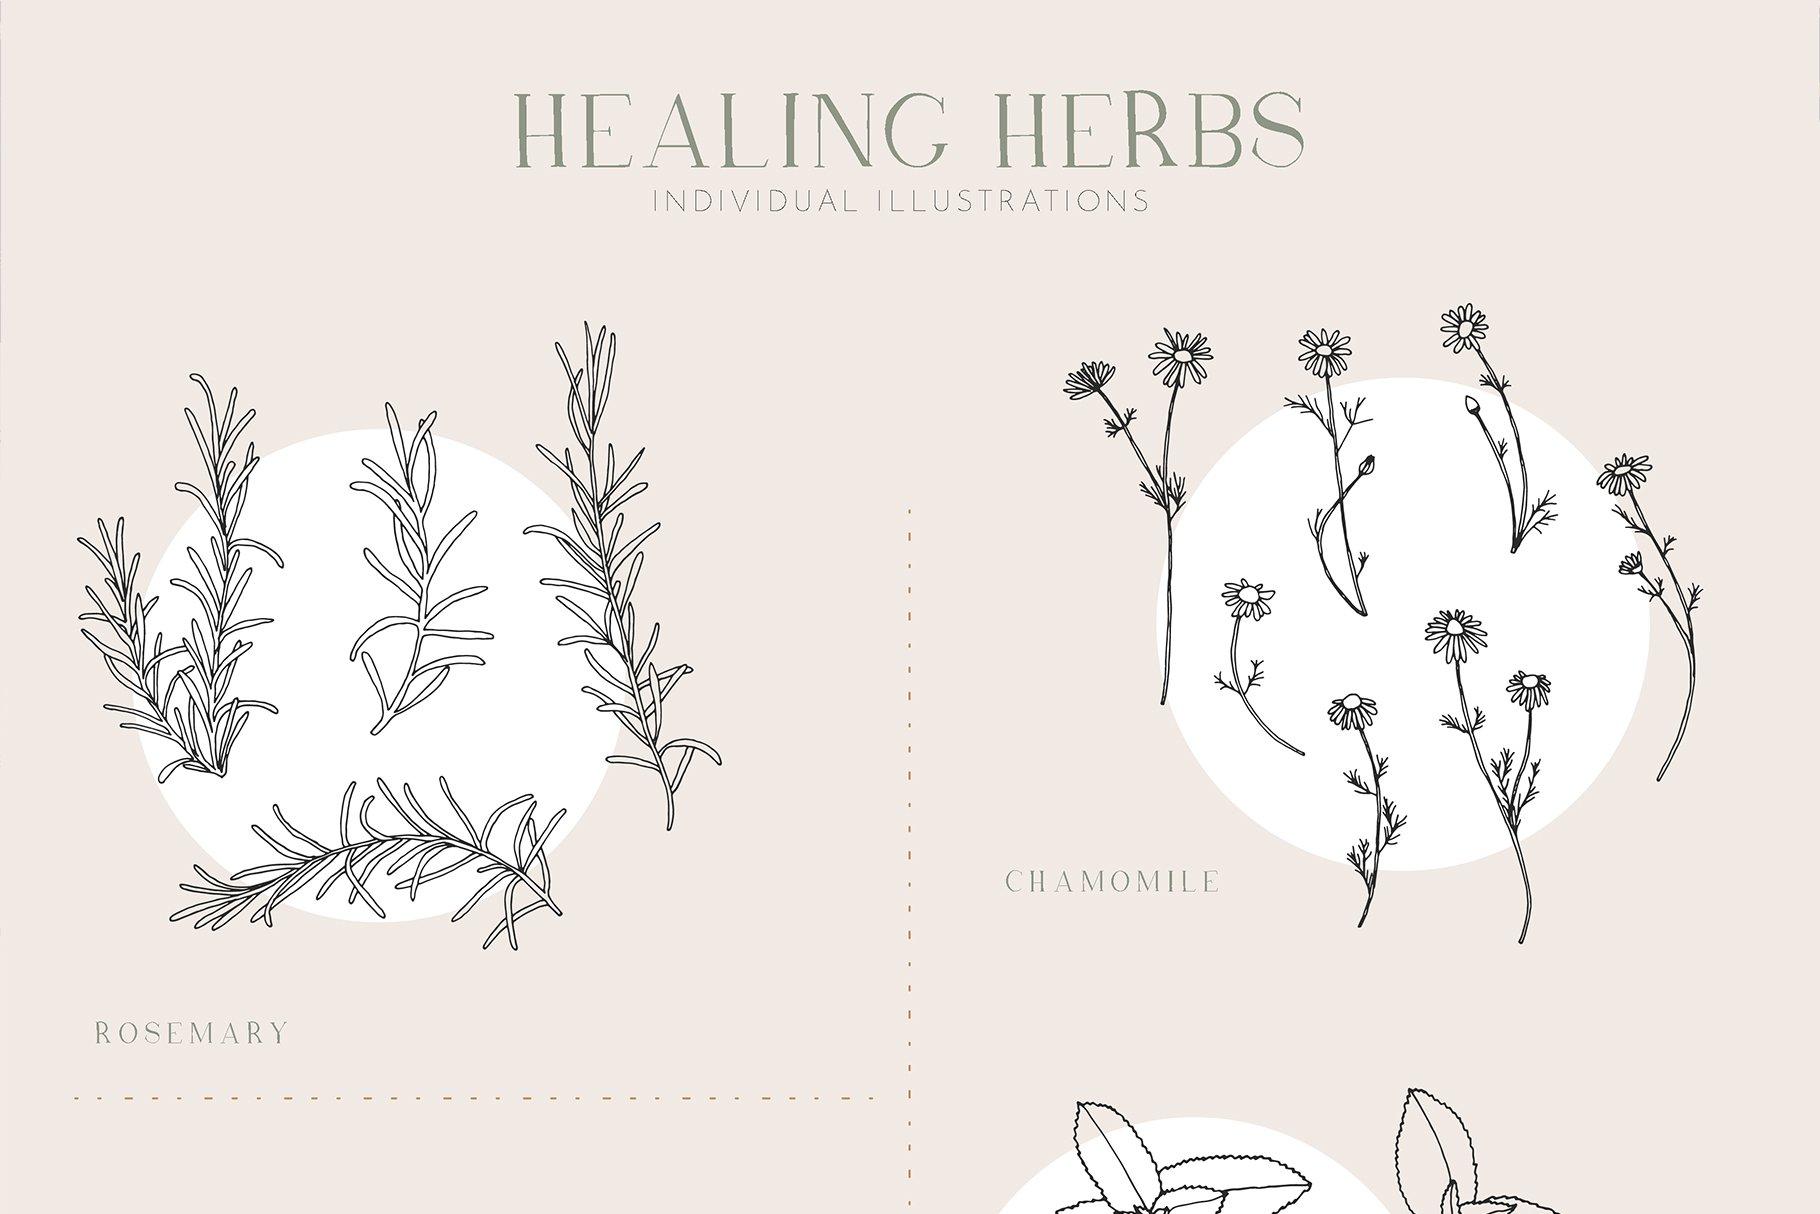 优雅中药草药花草手绘无缝隙矢量图案设计素材 Herbs Patterns & Illustrations插图5